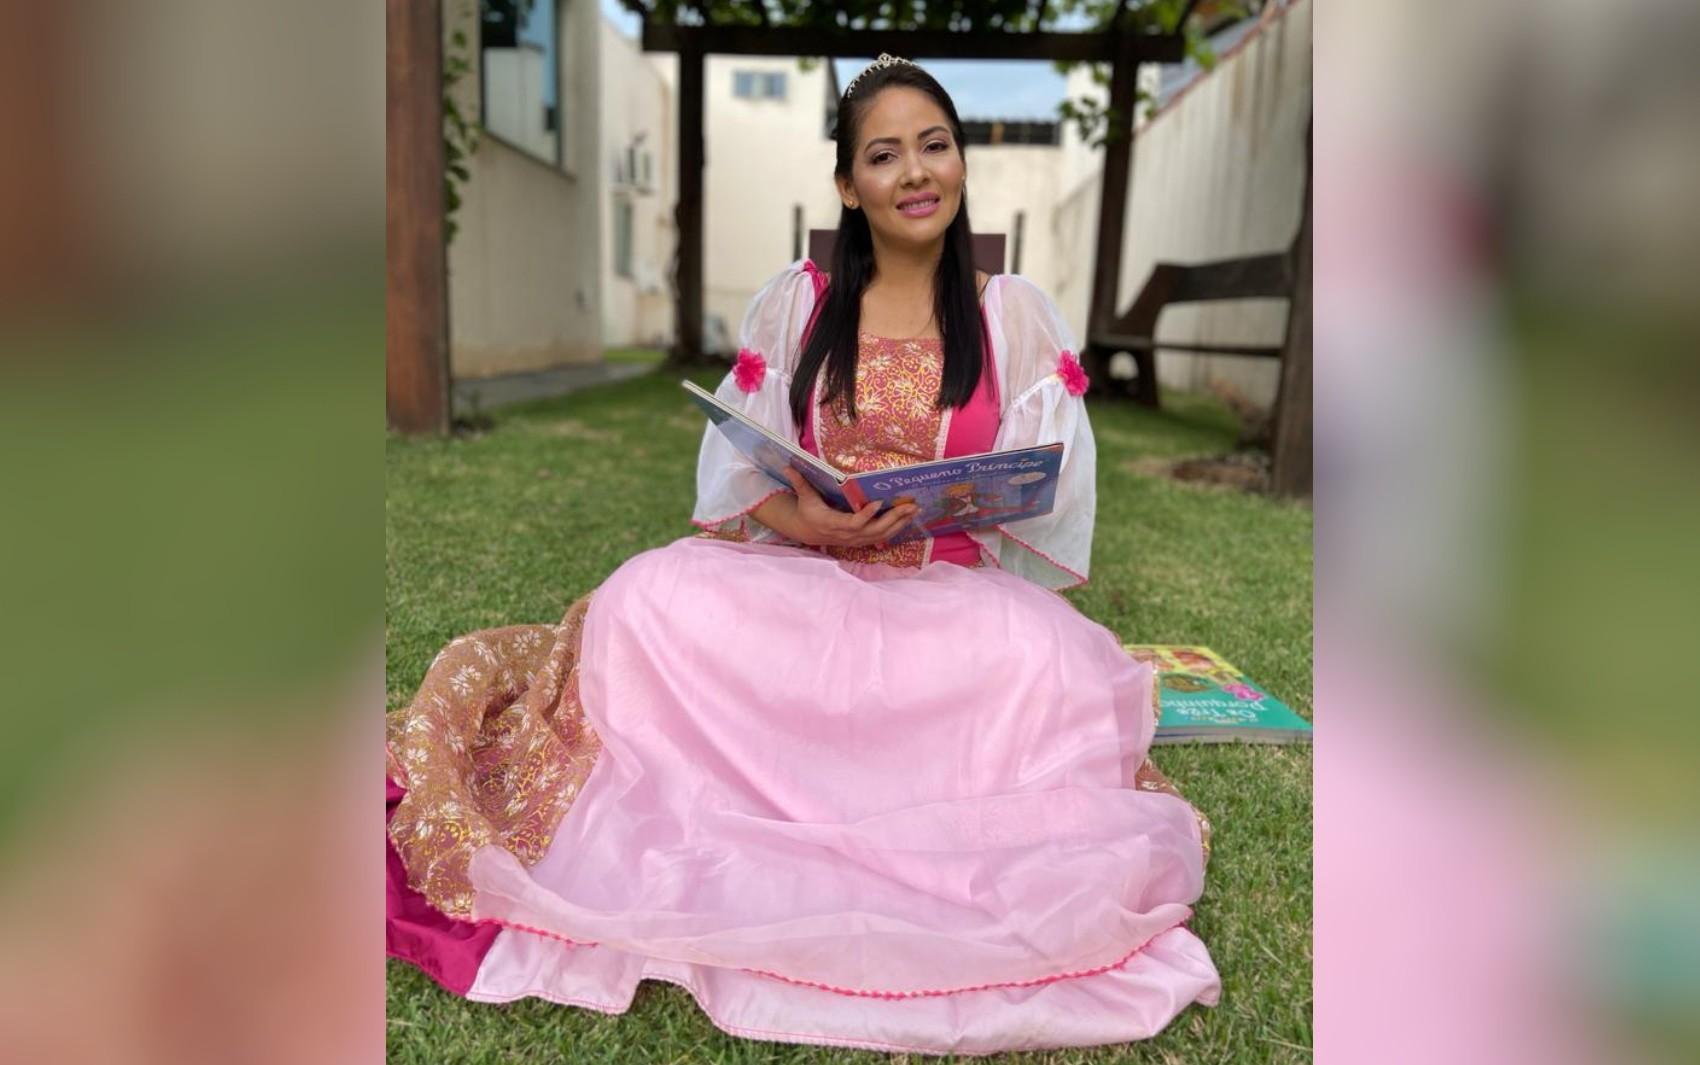 Advogada usa rede social para contar histórias para crianças durante a quarentena em Goiás